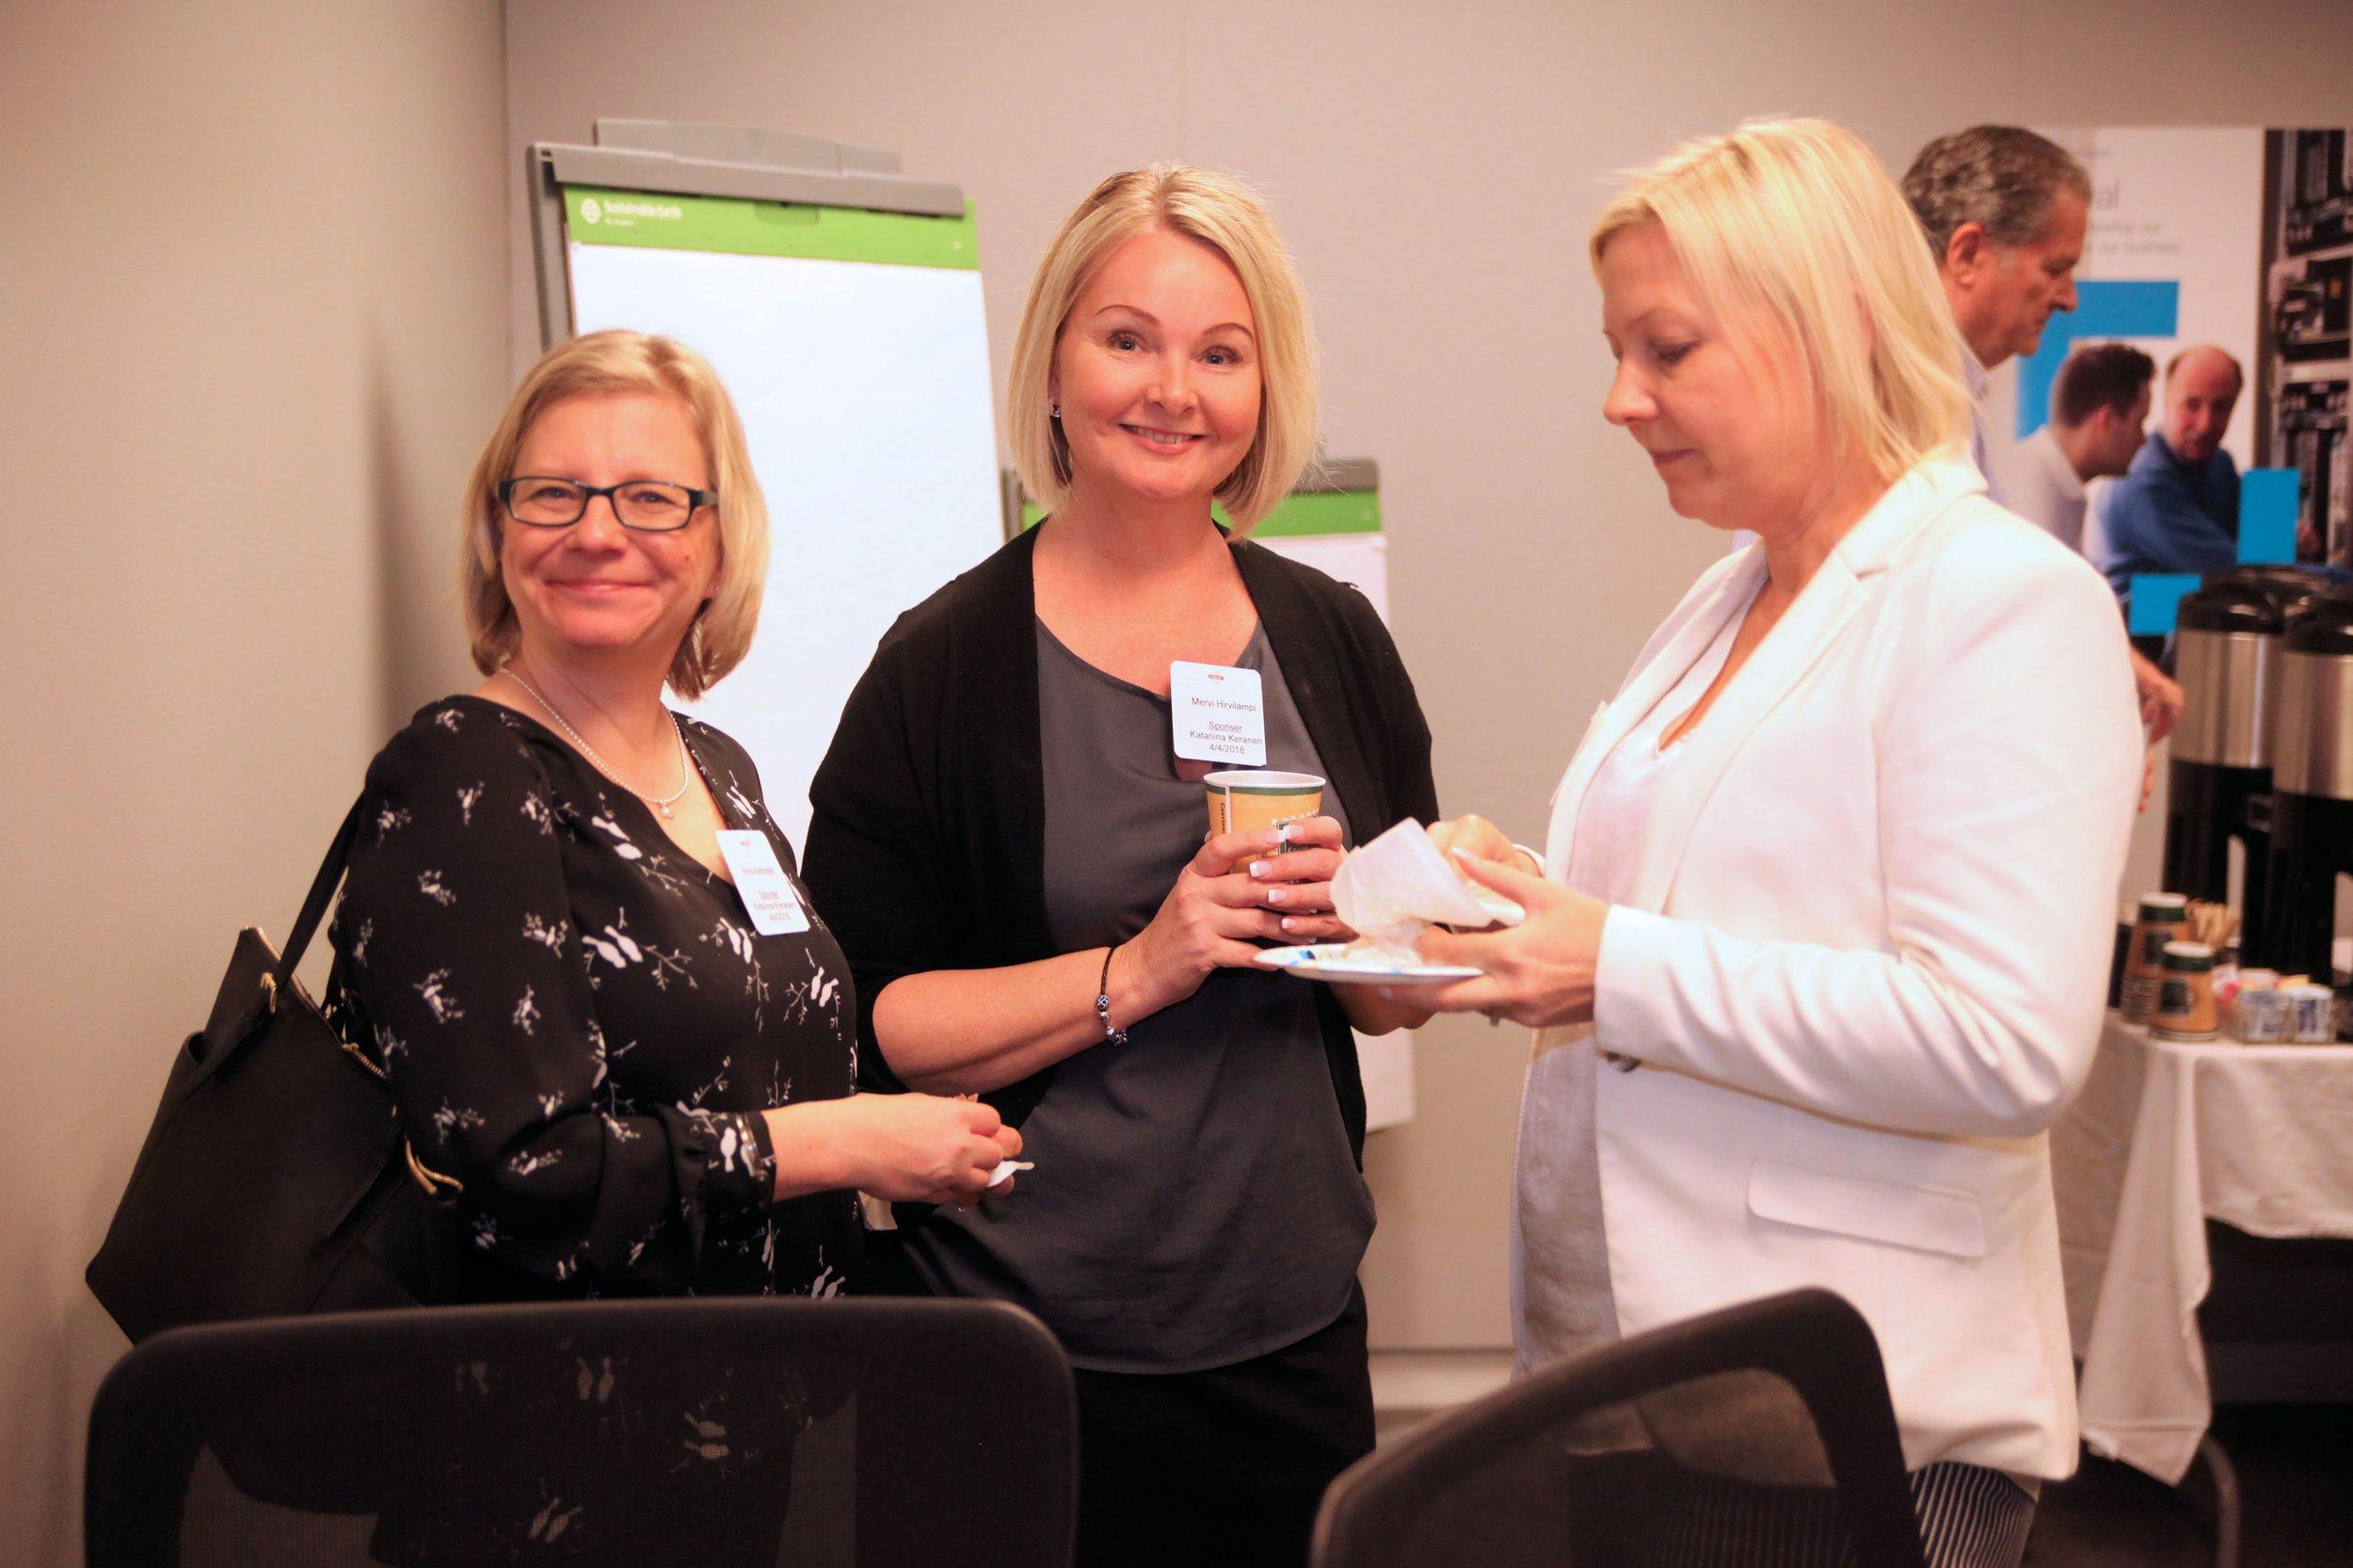 (from left) Aino Aaltonen, Mervi Hirvilampi and Mari Salonen -